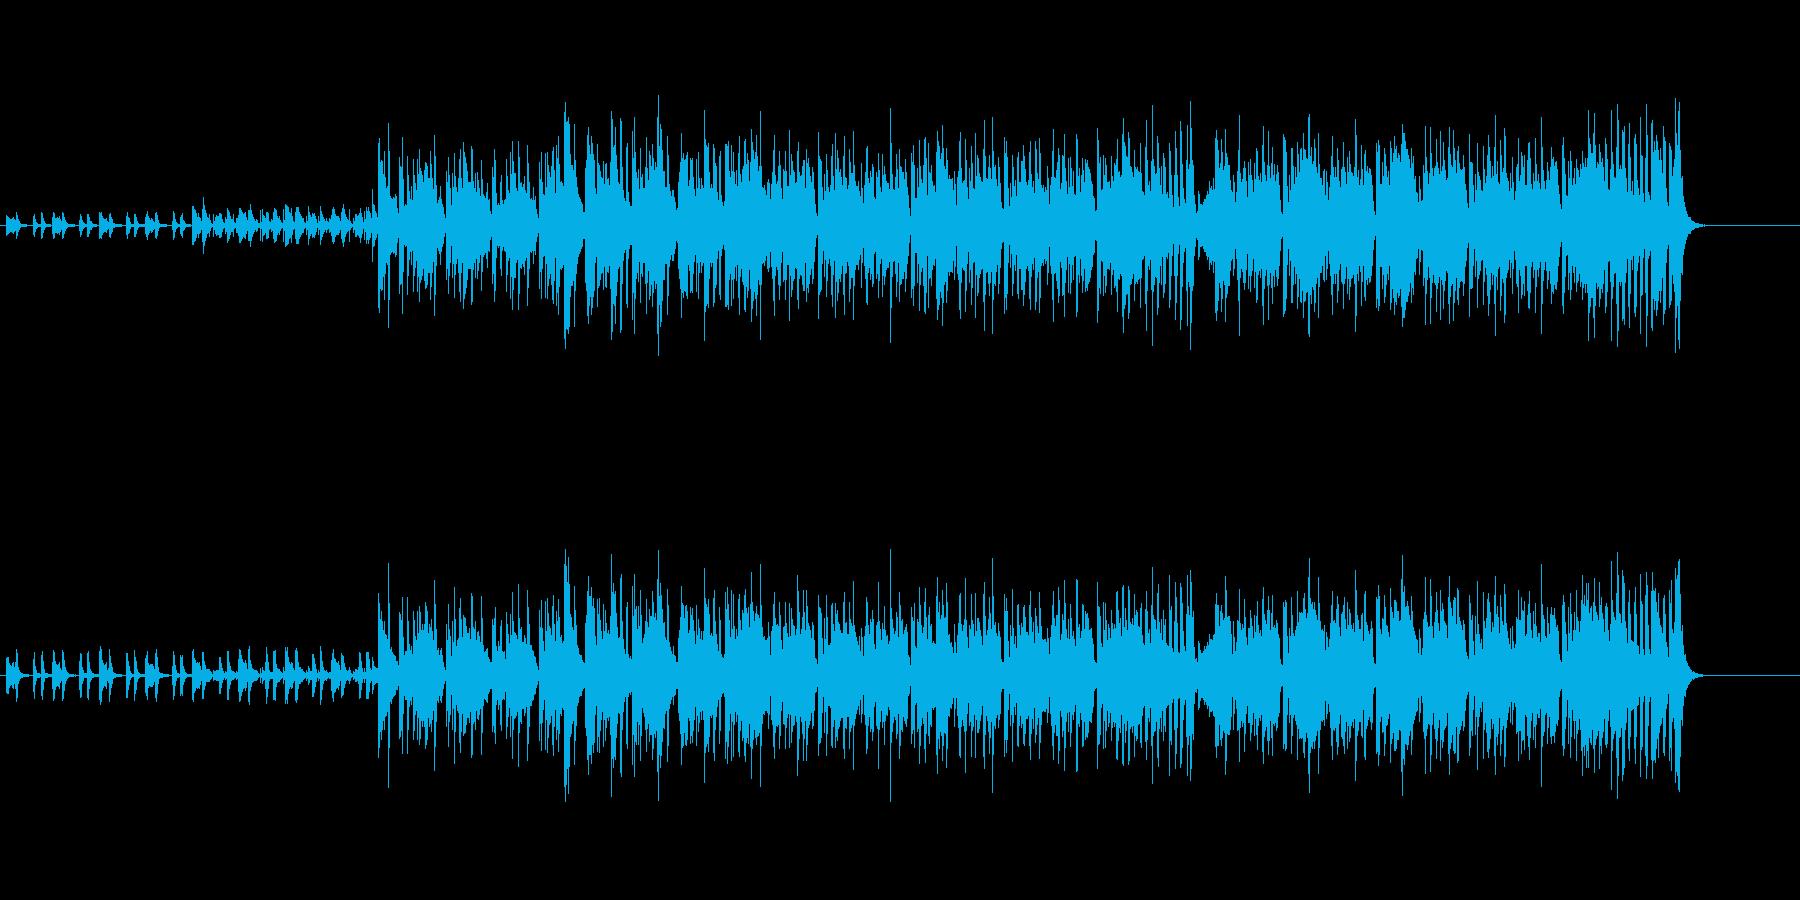 フュージョン風アーバン・トラディショナルの再生済みの波形